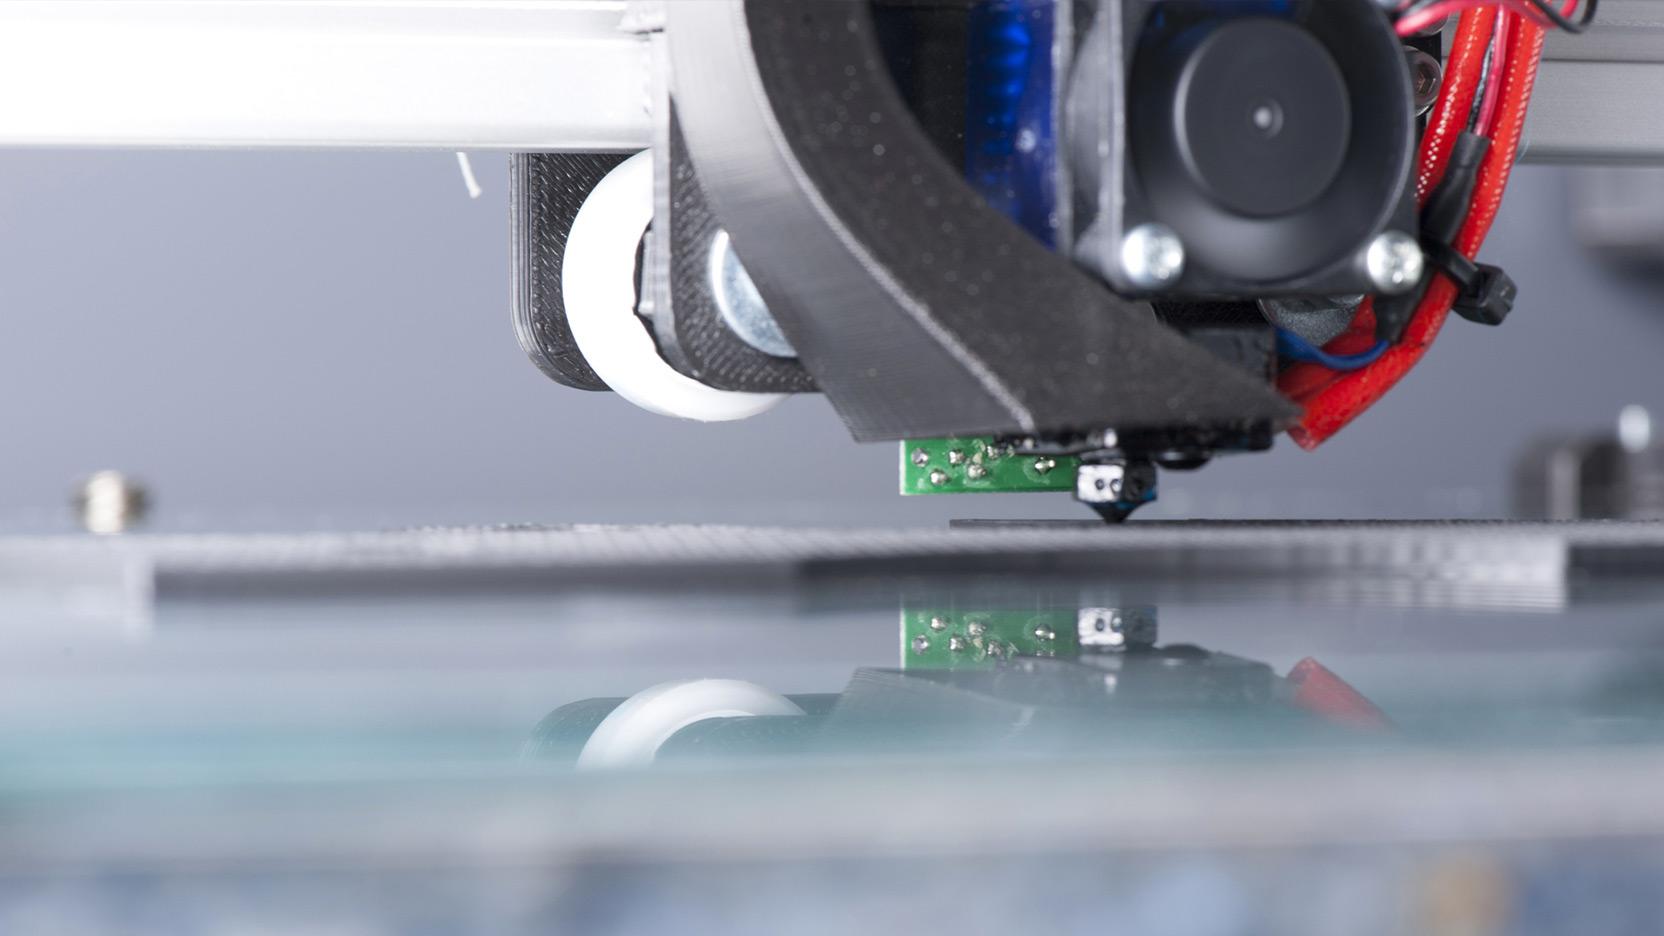 L'impression 3D : une innovation en béton